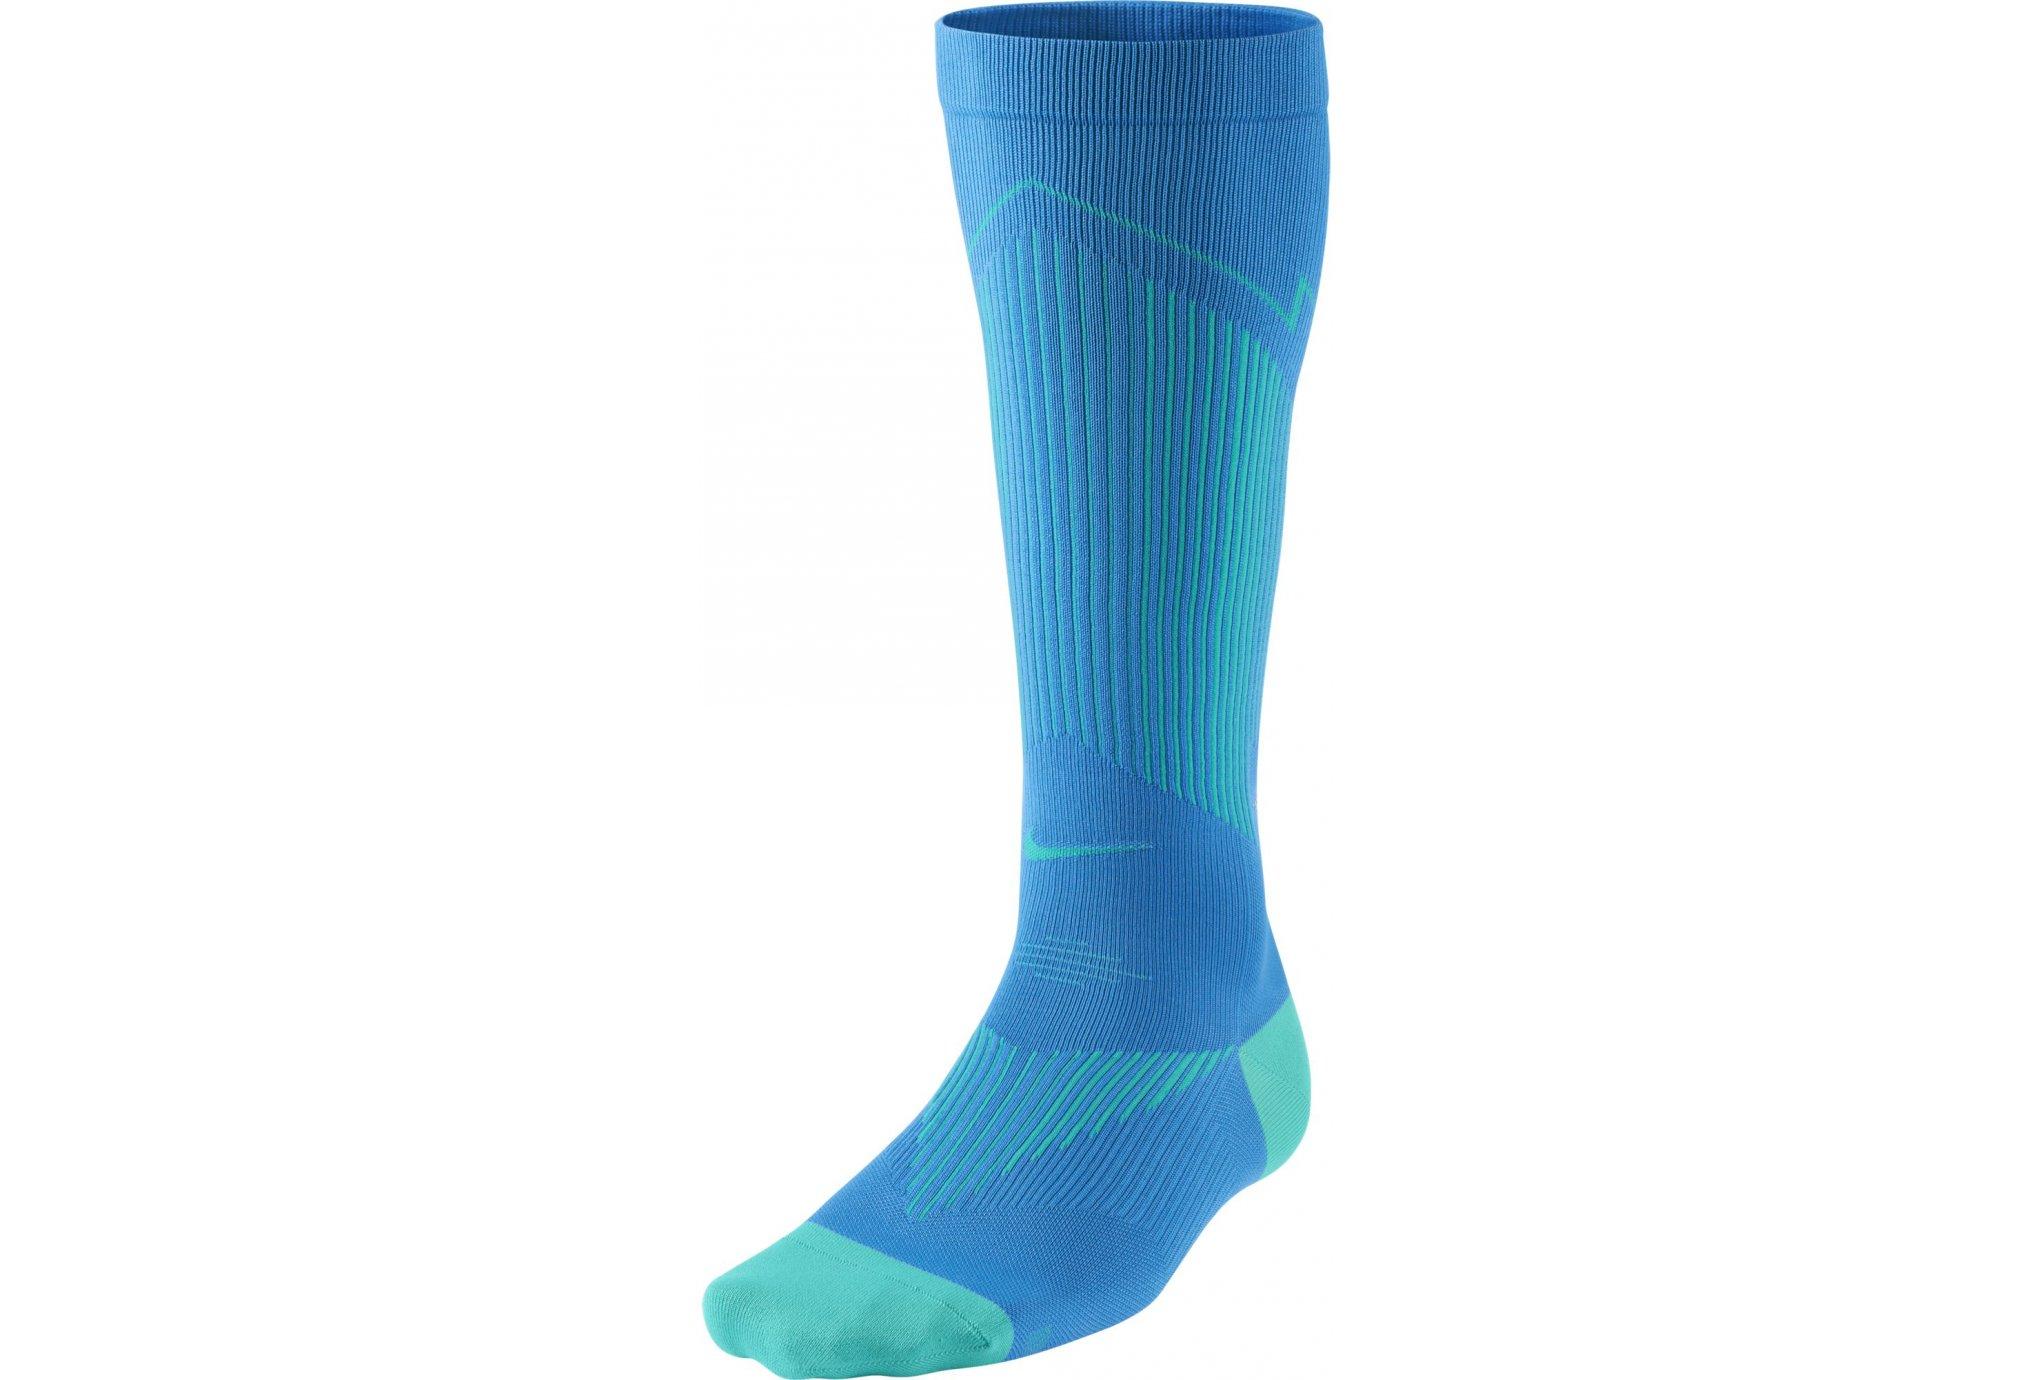 sélection premium 907e7 0e3d9 Resathlon - Nike Chaussettes Elite Lightweight No-Show ...